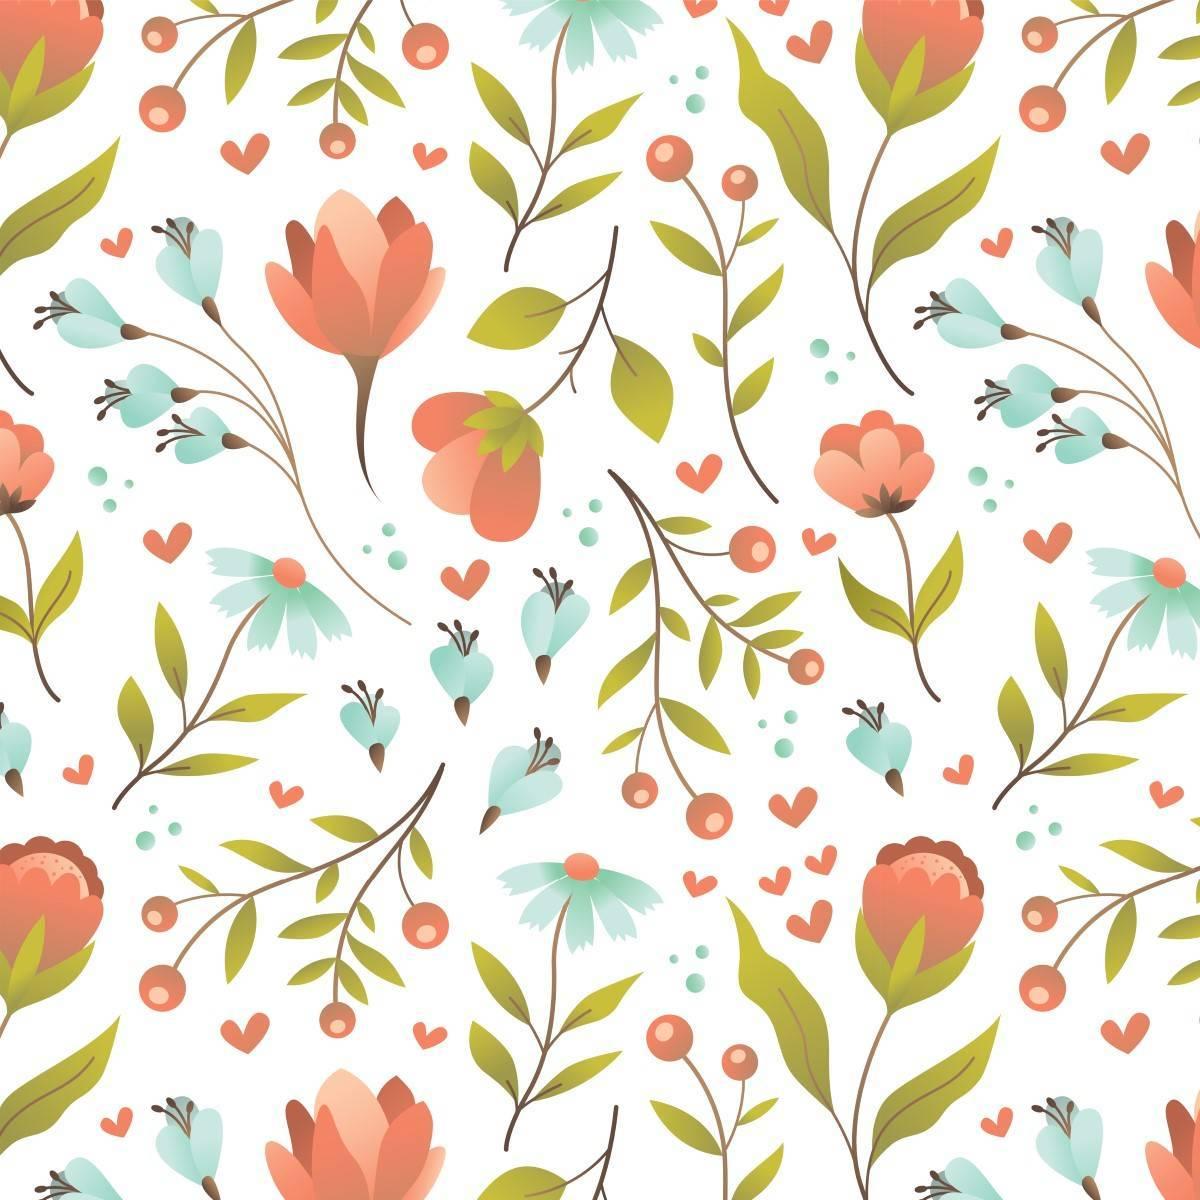 Papel de Parede Adesivo Floral Multicolor/Rolo